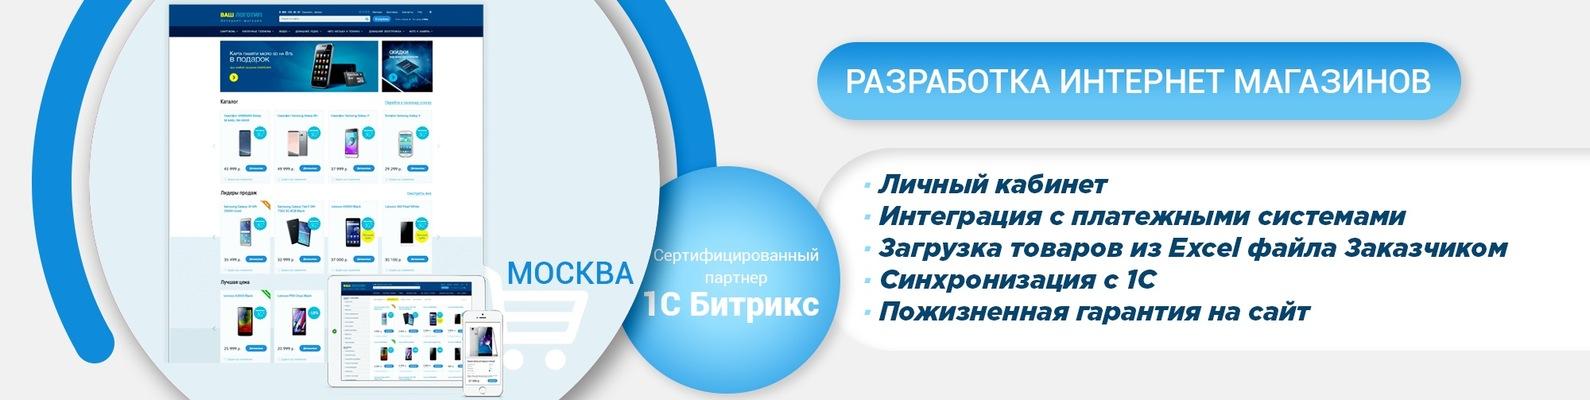 d571a33caf04 Разработка интернет магазинов в Москве   ВКонтакте